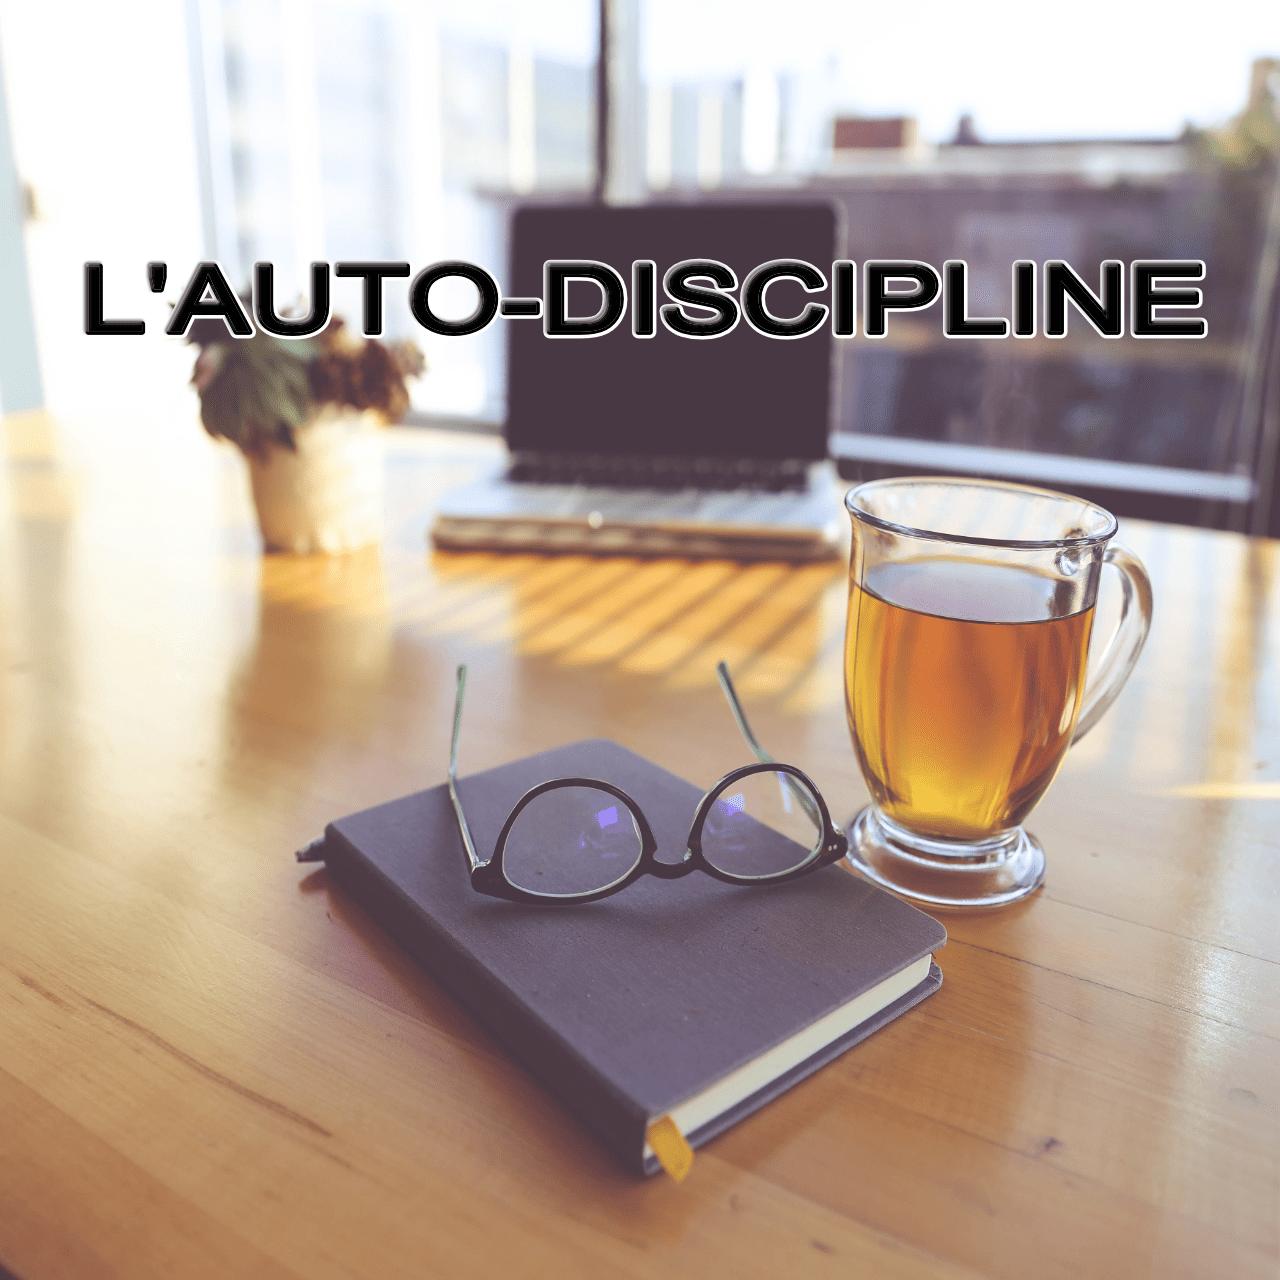 AUTO-DISCIPLINE